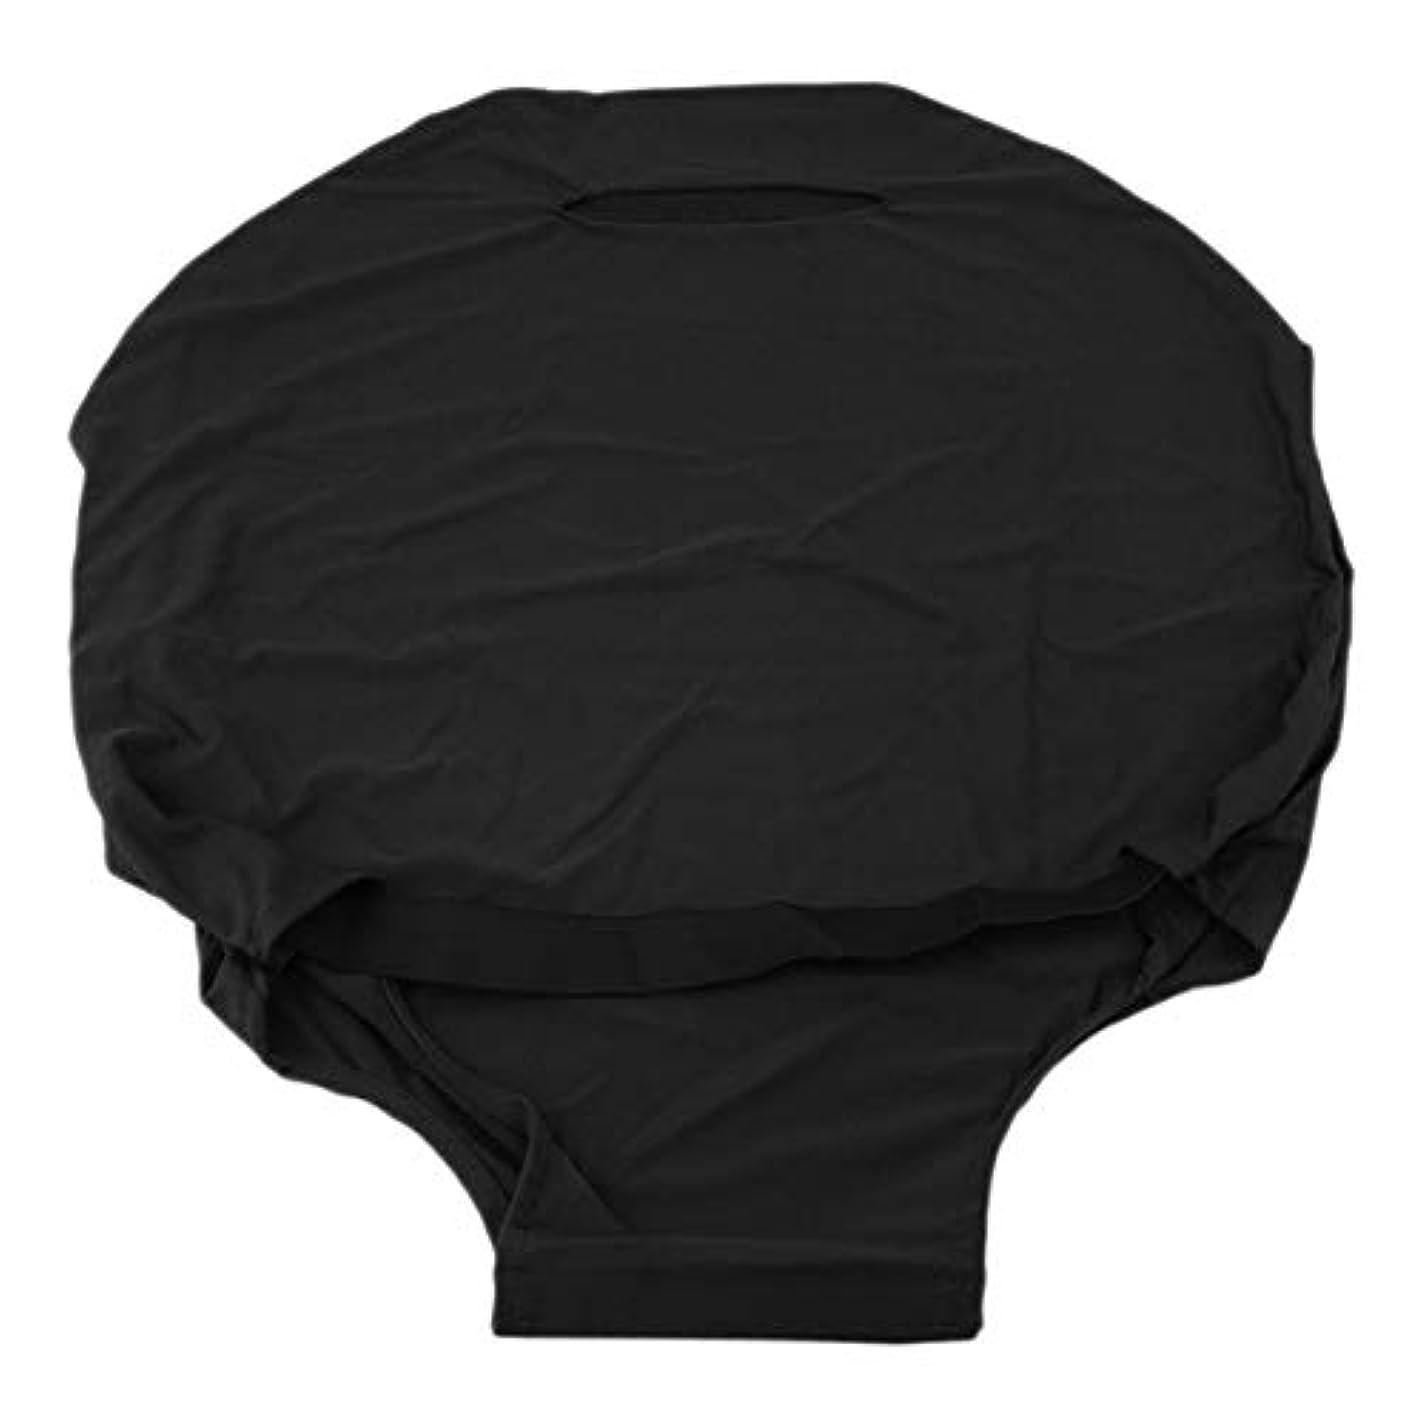 Saikogoods 24/28インチスーツケース荷物のために屋外旅行高弾性ソリッドカラー防塵荷物スーツケース保護カバー 黒